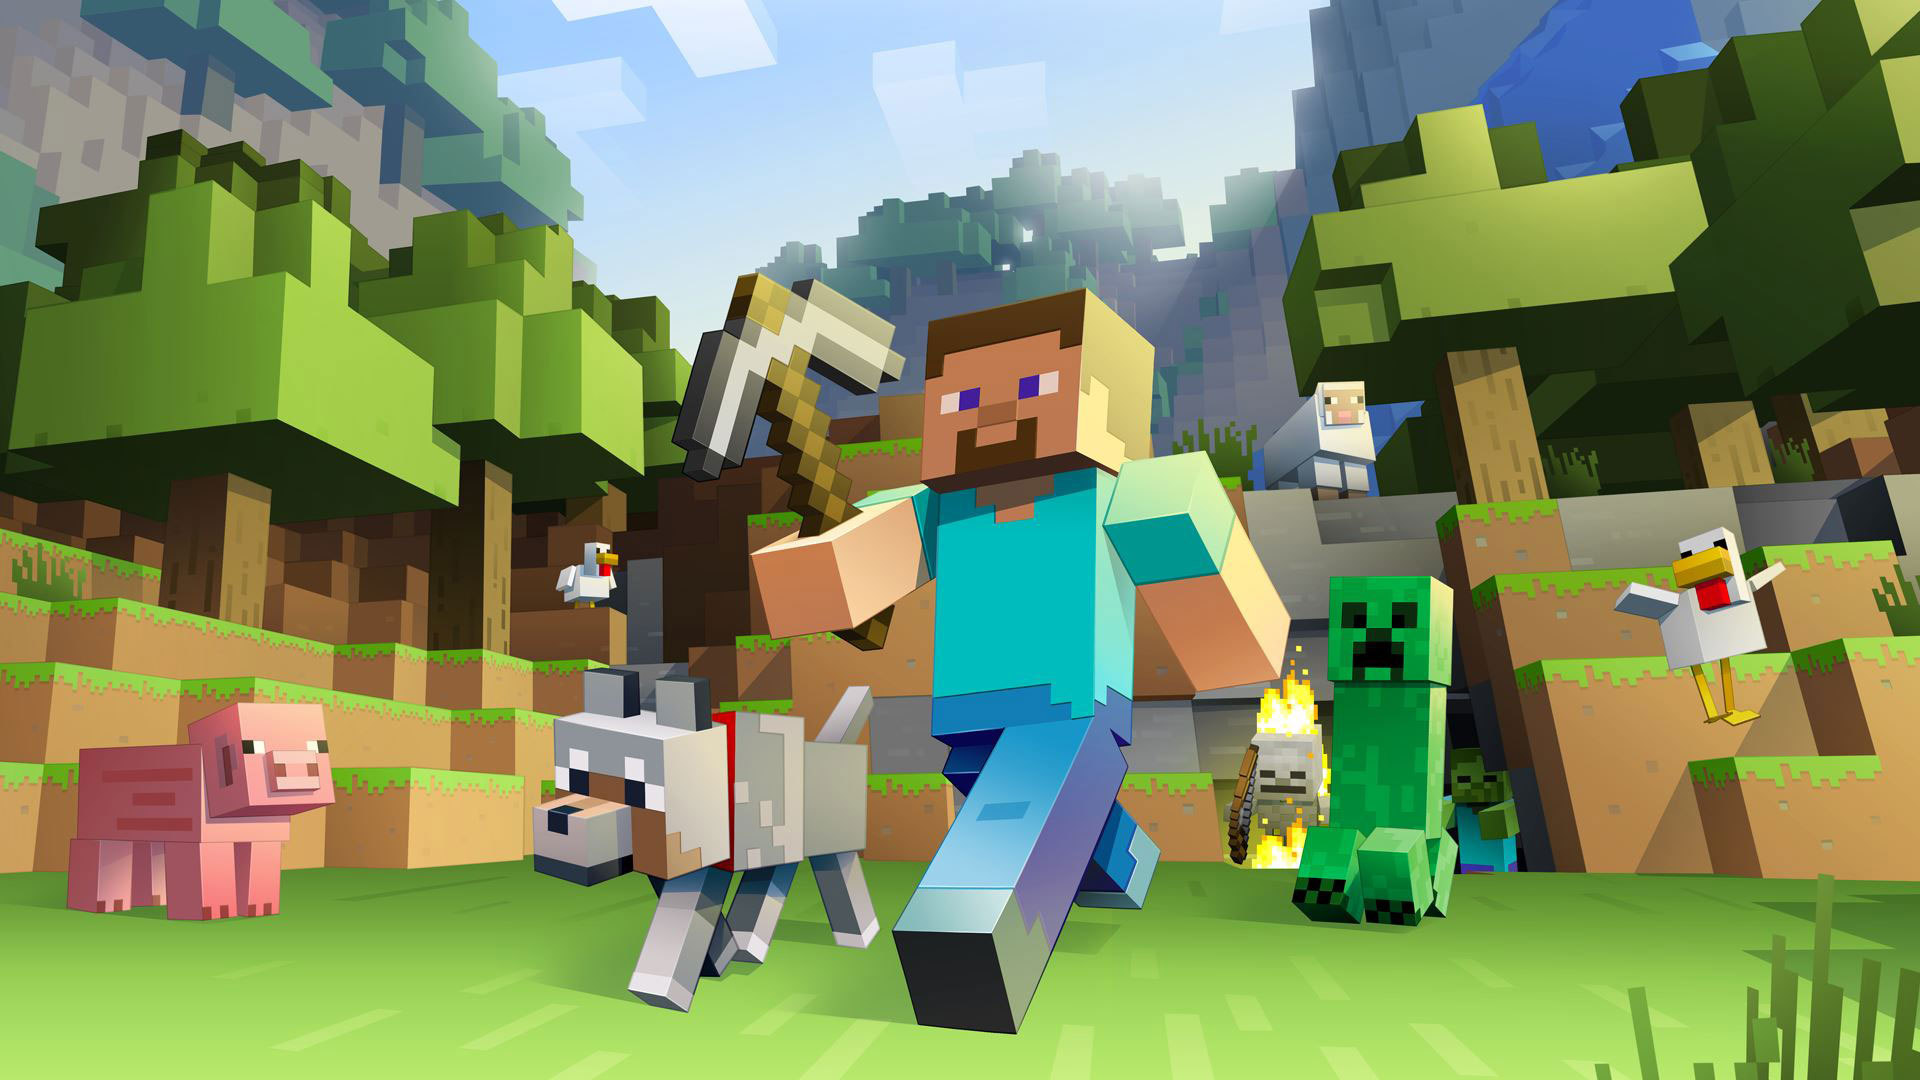 Minecraft Updates Für ältere Versionen Enden MANIACde - Minecraft fruhere version spielen